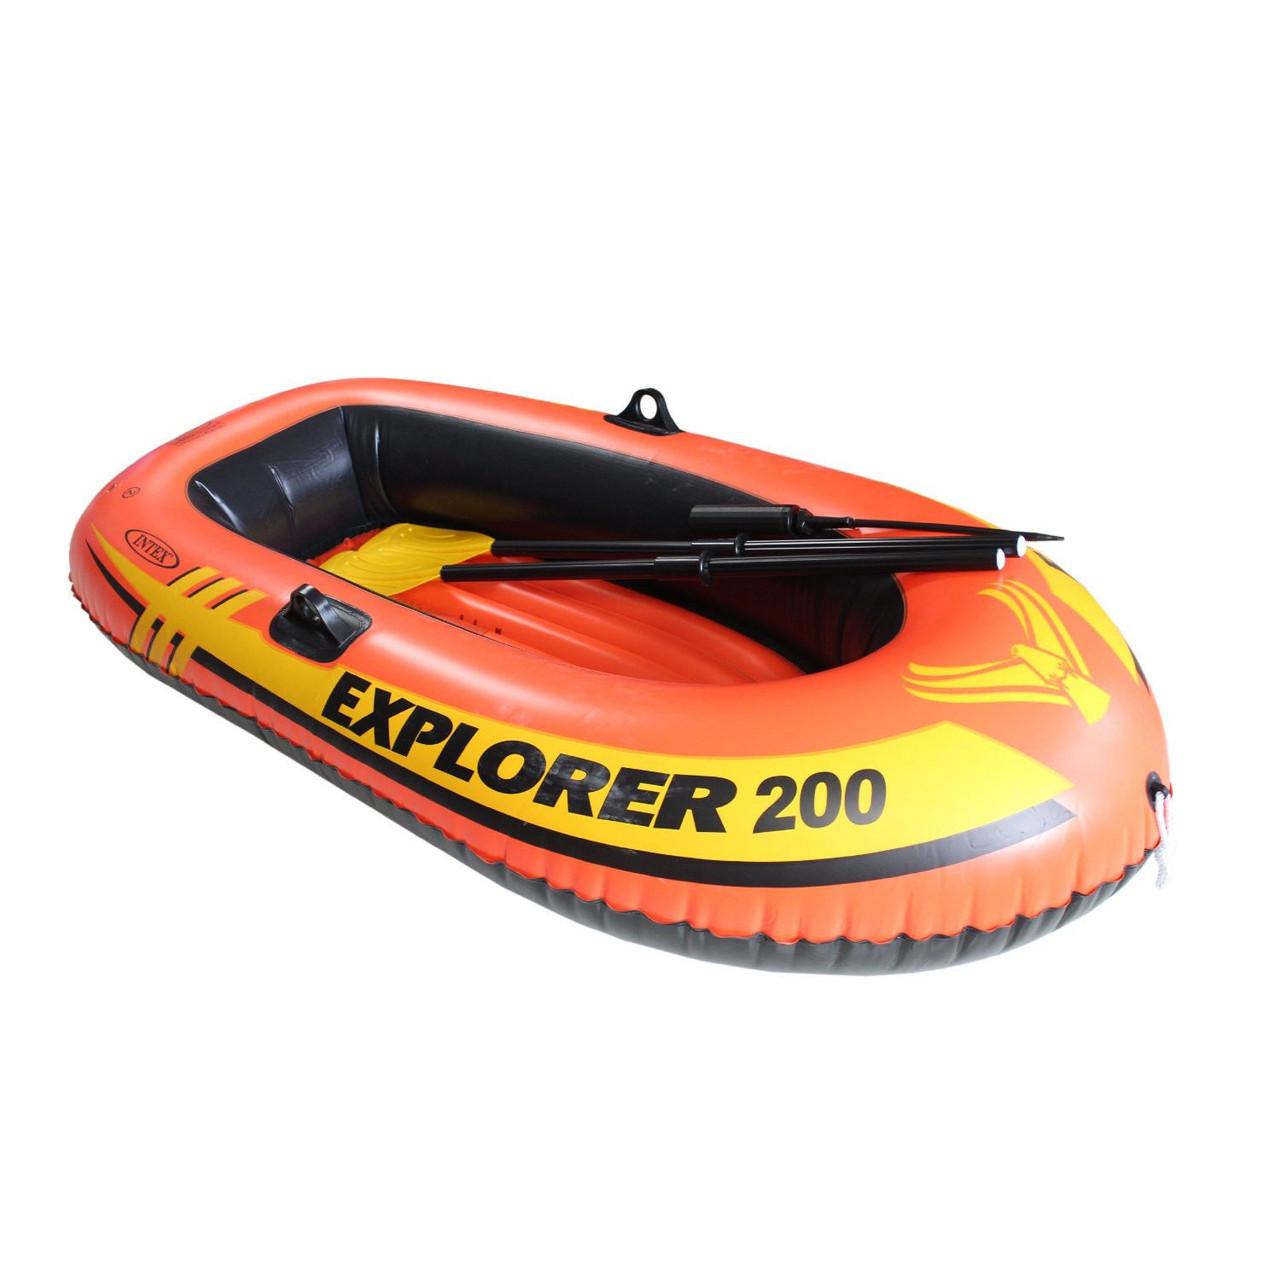 Двухместная надувная лодка lntex + пластиковые весла и мини-ручной насос Explorer 200 185x94x41 cм (58331)